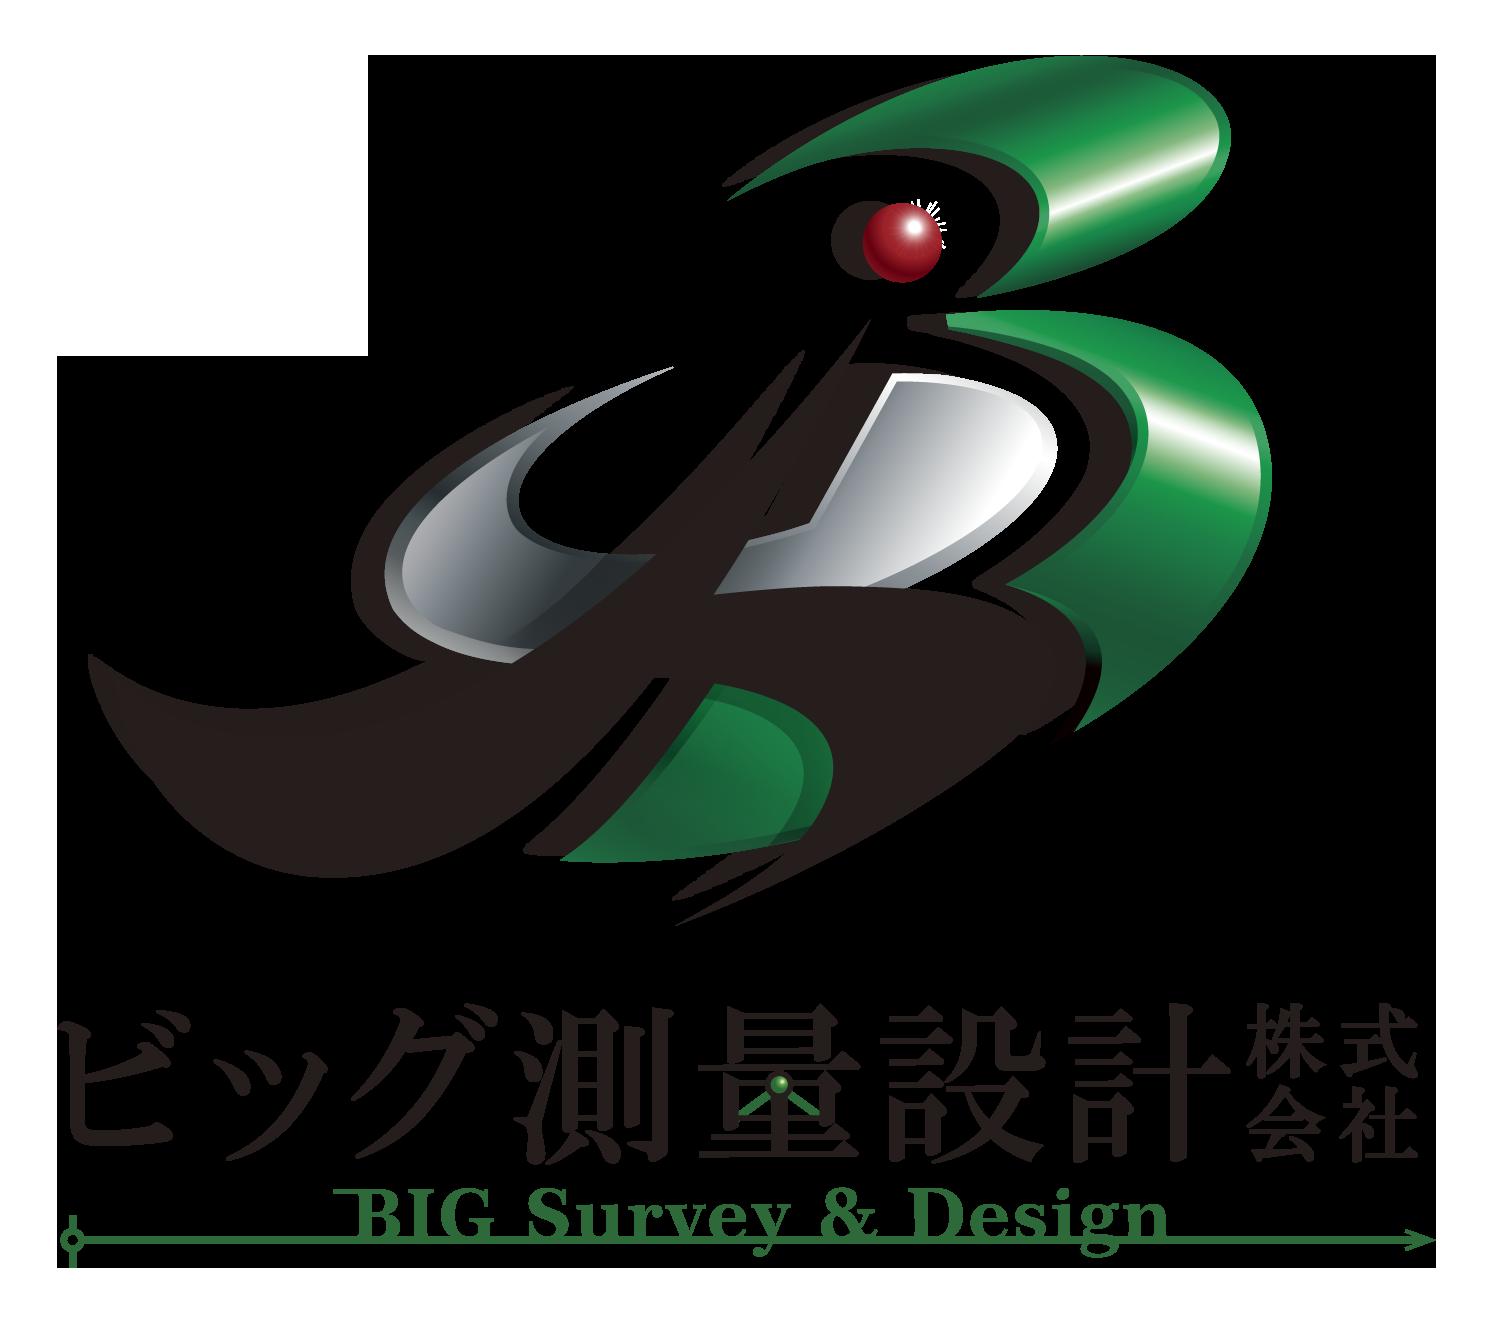 建築/建設/設備/設計/造園と近未来と黒のロゴ